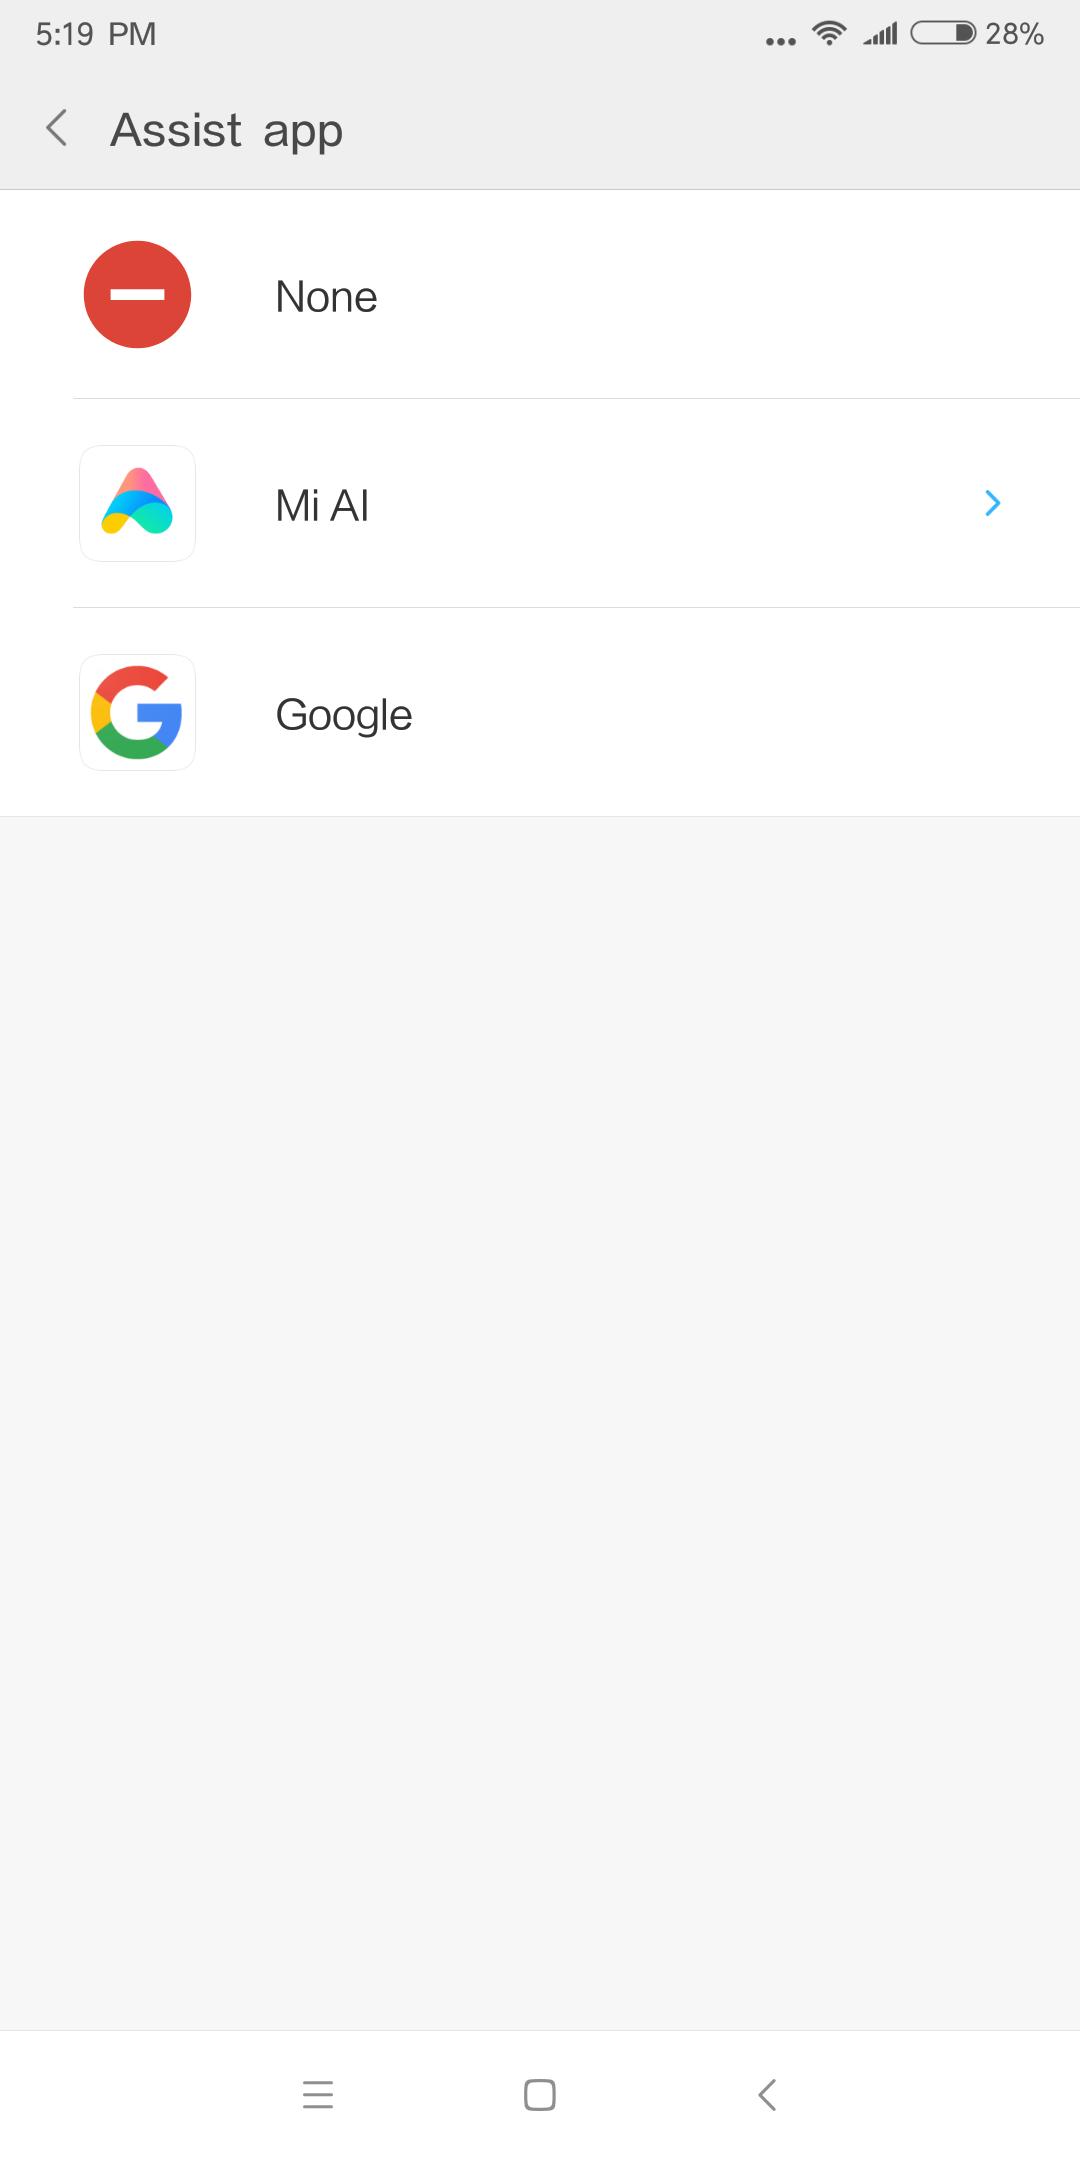 Xiaomi Mi Max 3 ai assistent